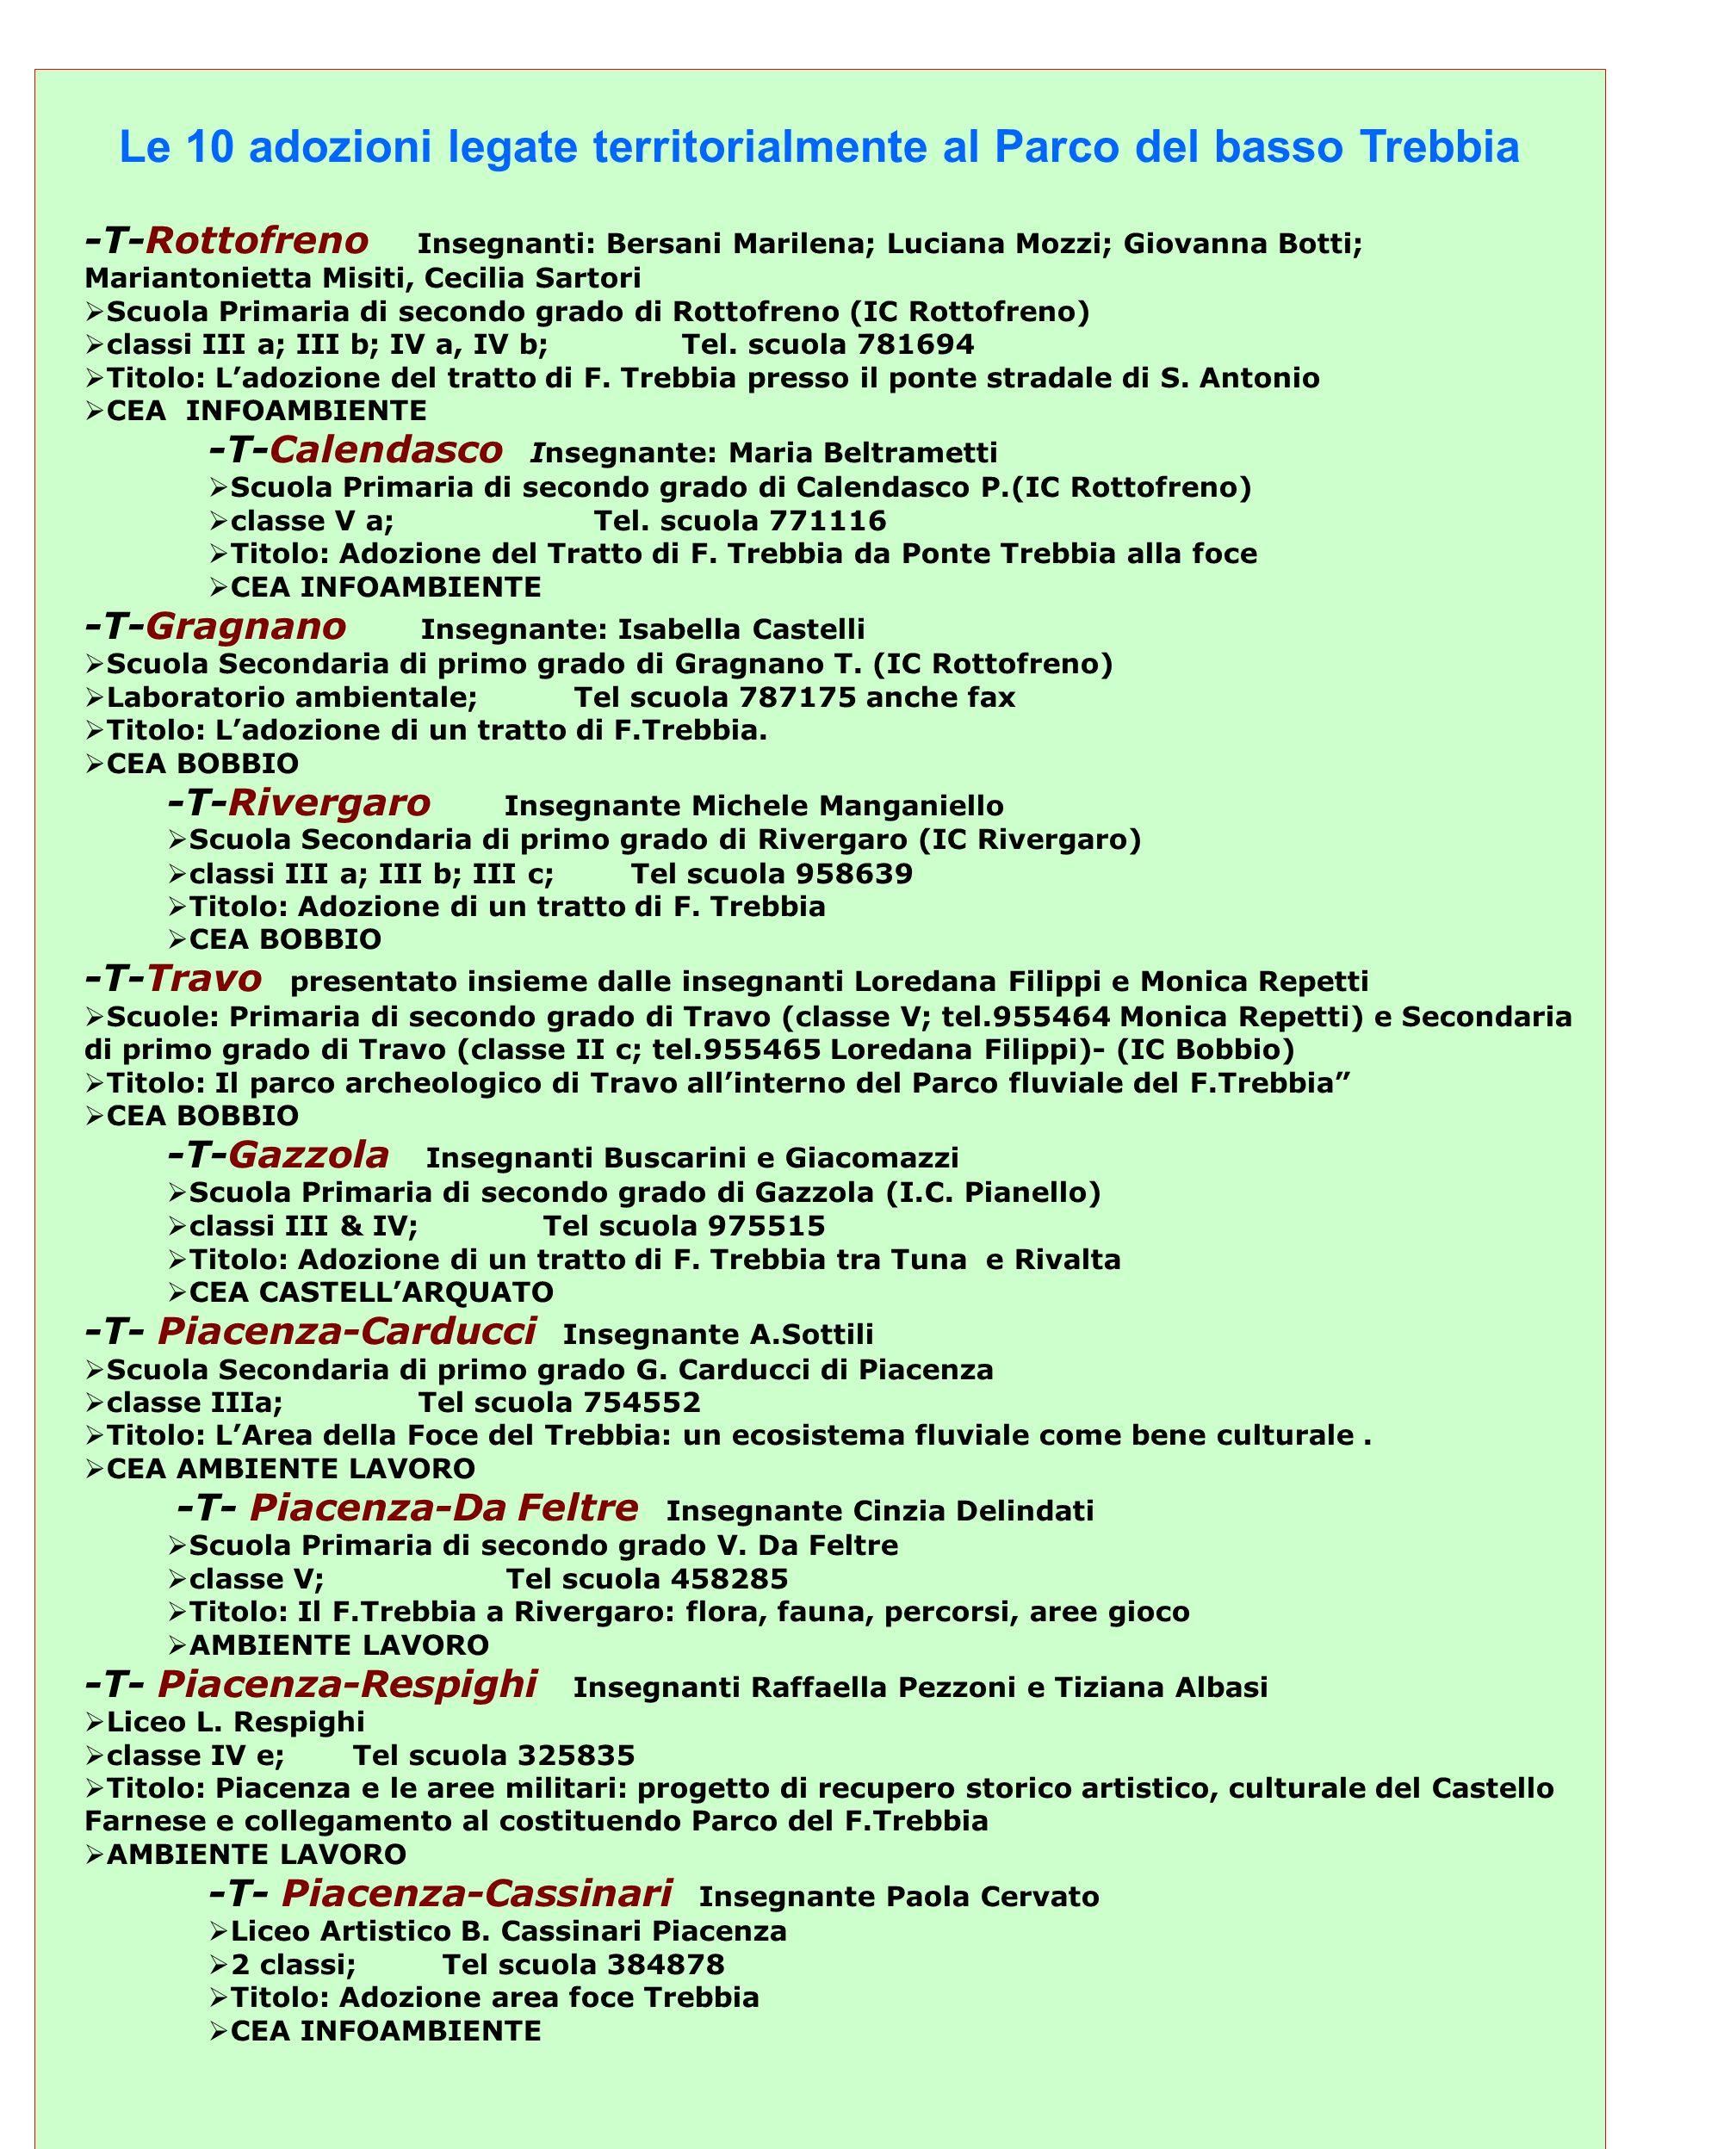 Le 10 adozioni legate territorialmente al Parco del basso Trebbia